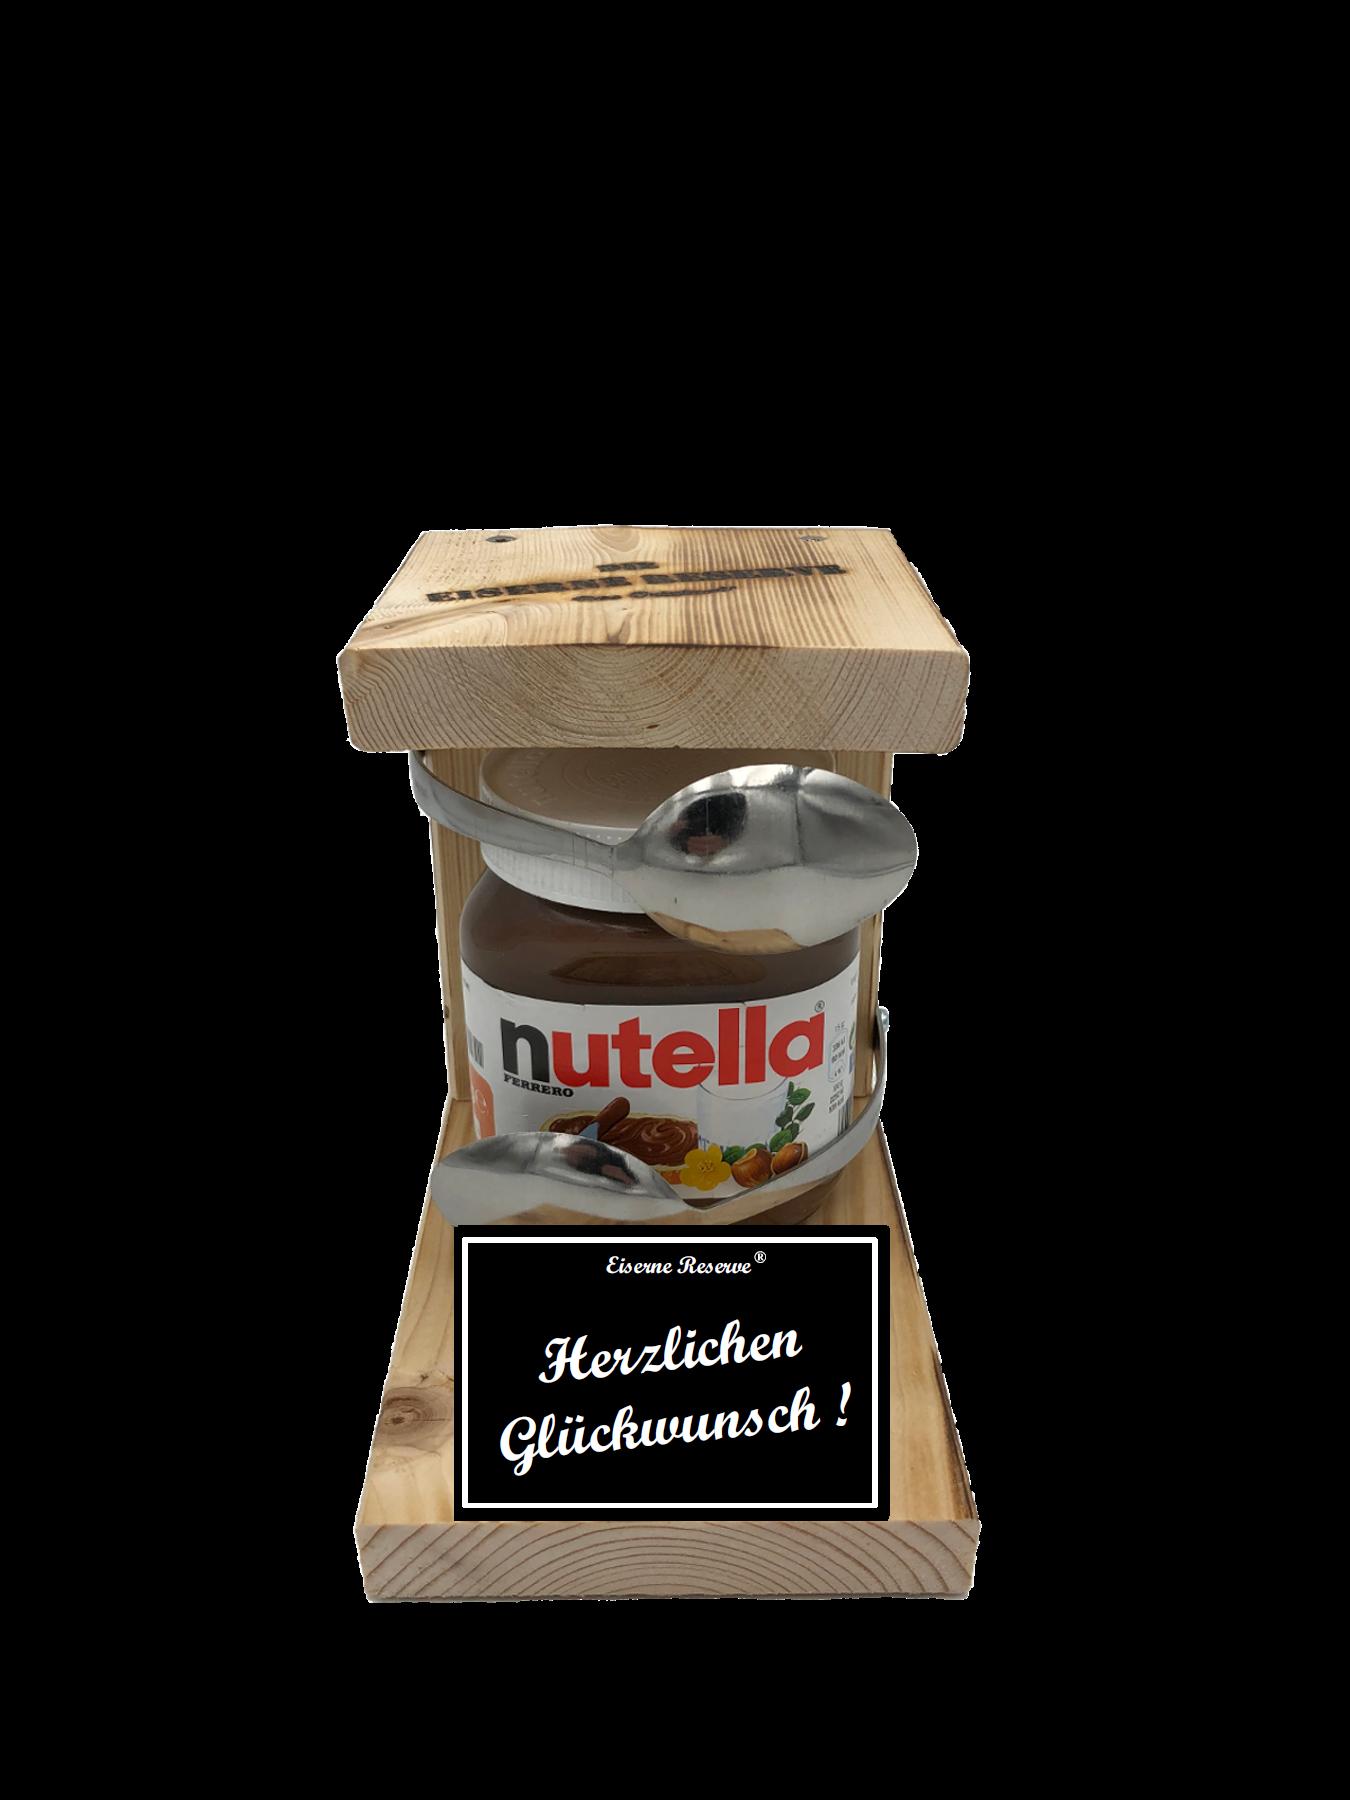 Herzlichen Glückwunsch Löffel Nutella Geschenk - Die Nutella Geschenkidee